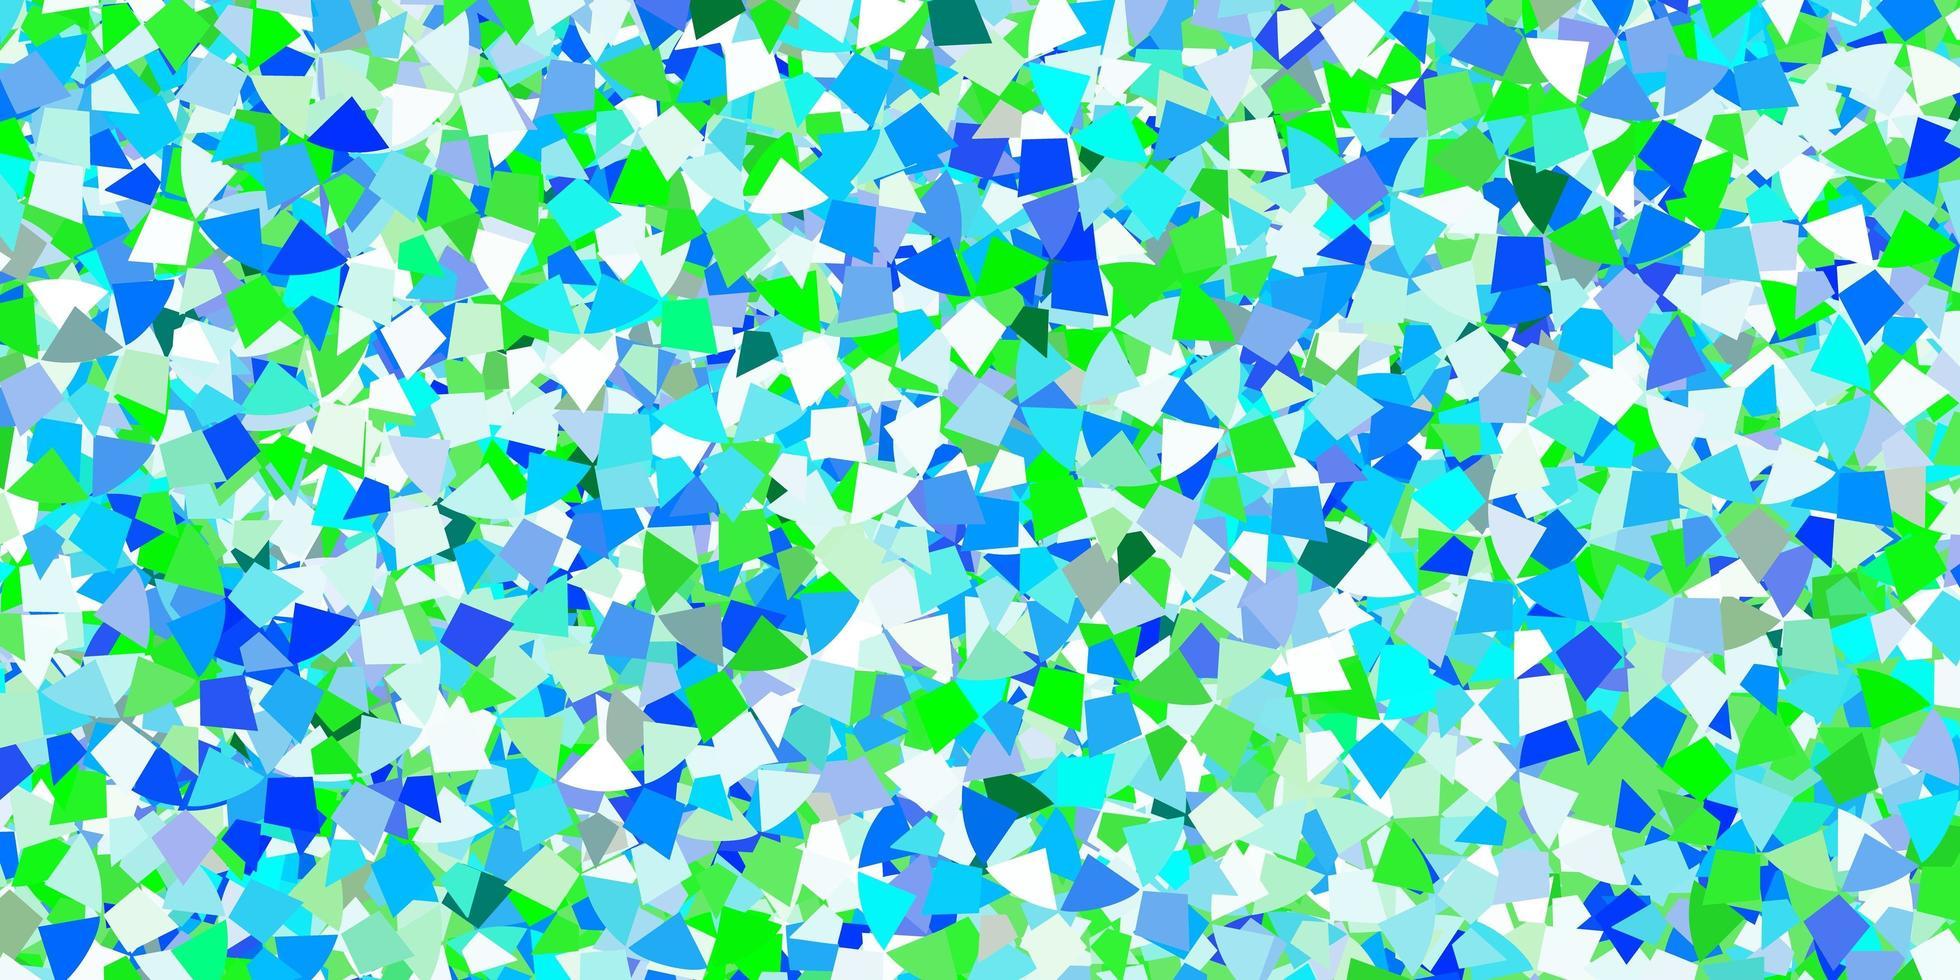 fundo vector azul claro com estilo poligonal.